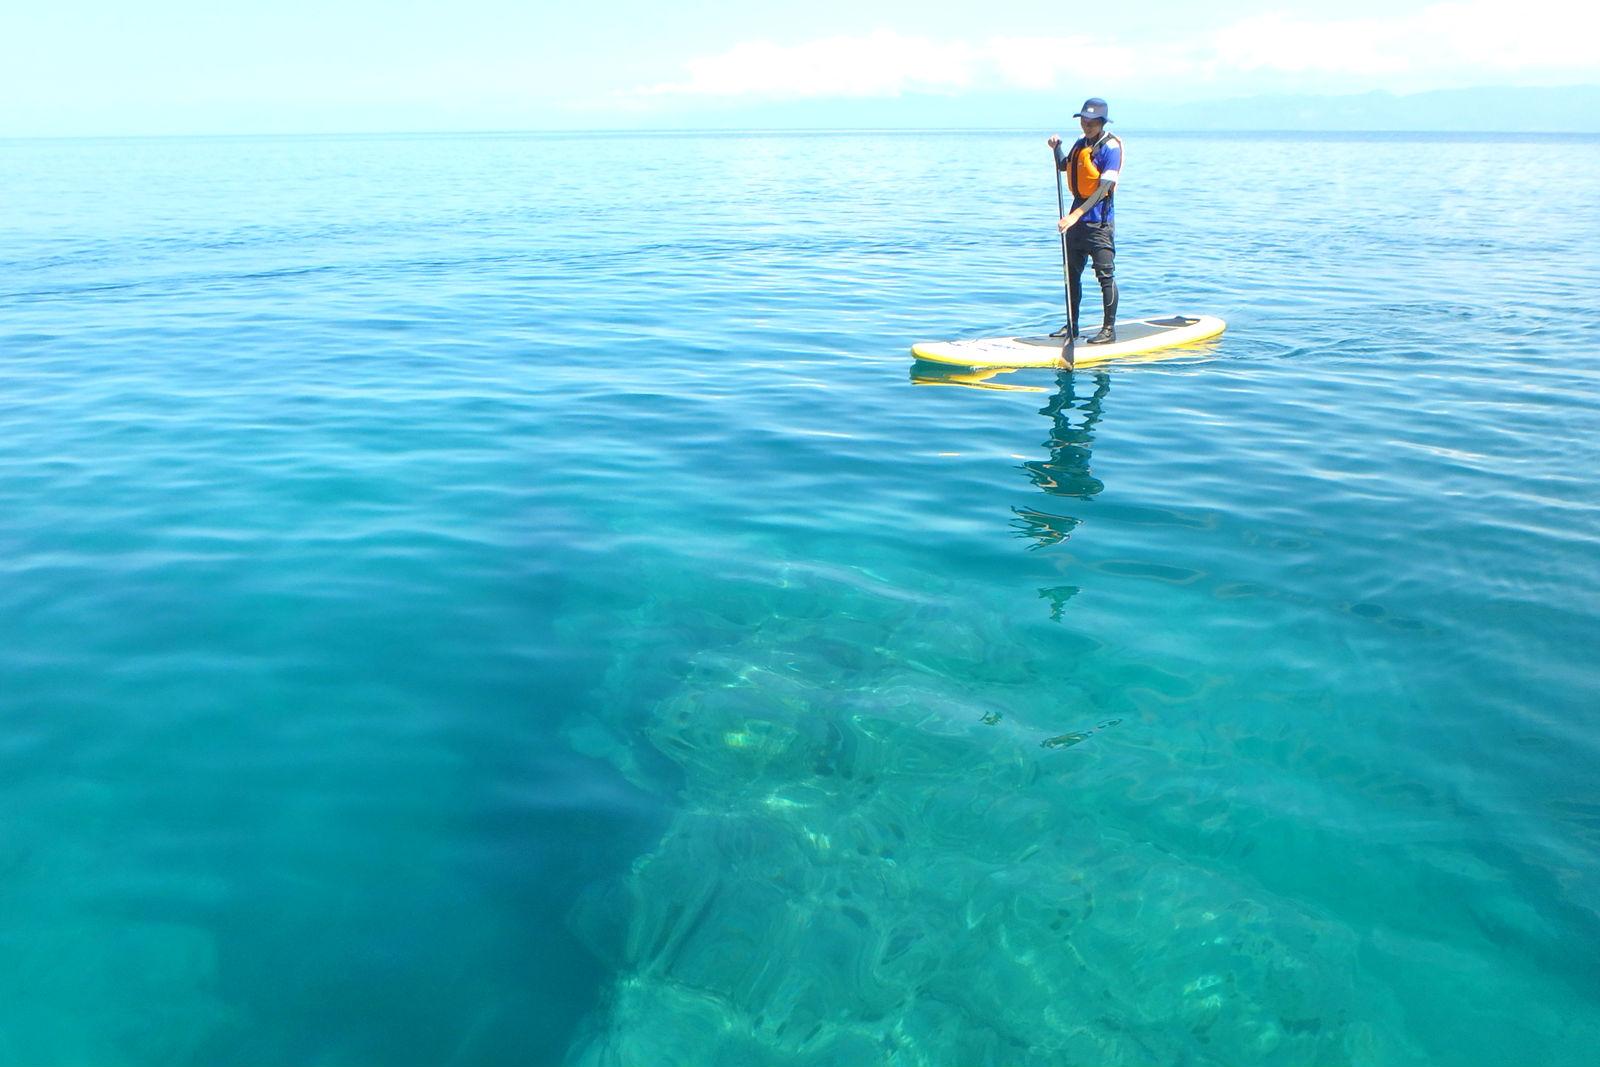 【北海道・ニセコ発】エメラルドグリーンの海でSUPクルージング(5時間)